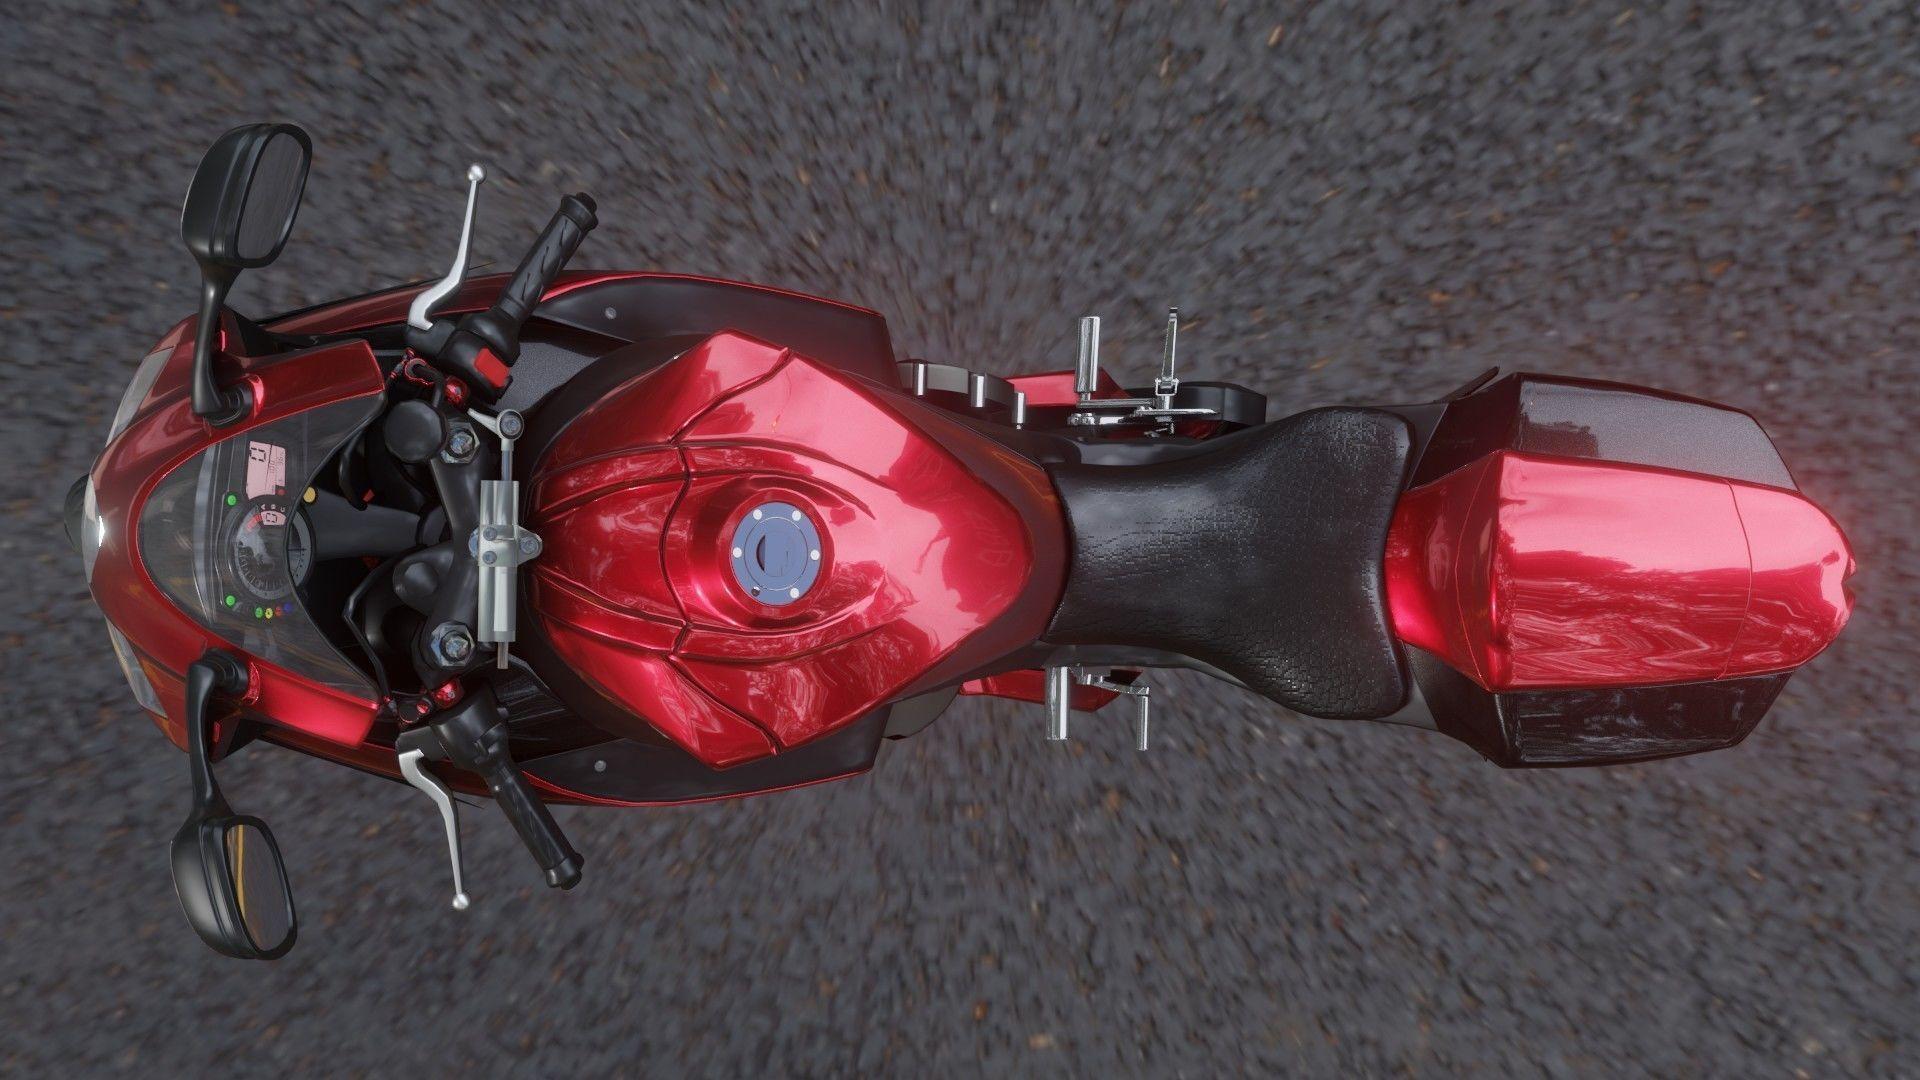 suzuki gsx 750 Bike